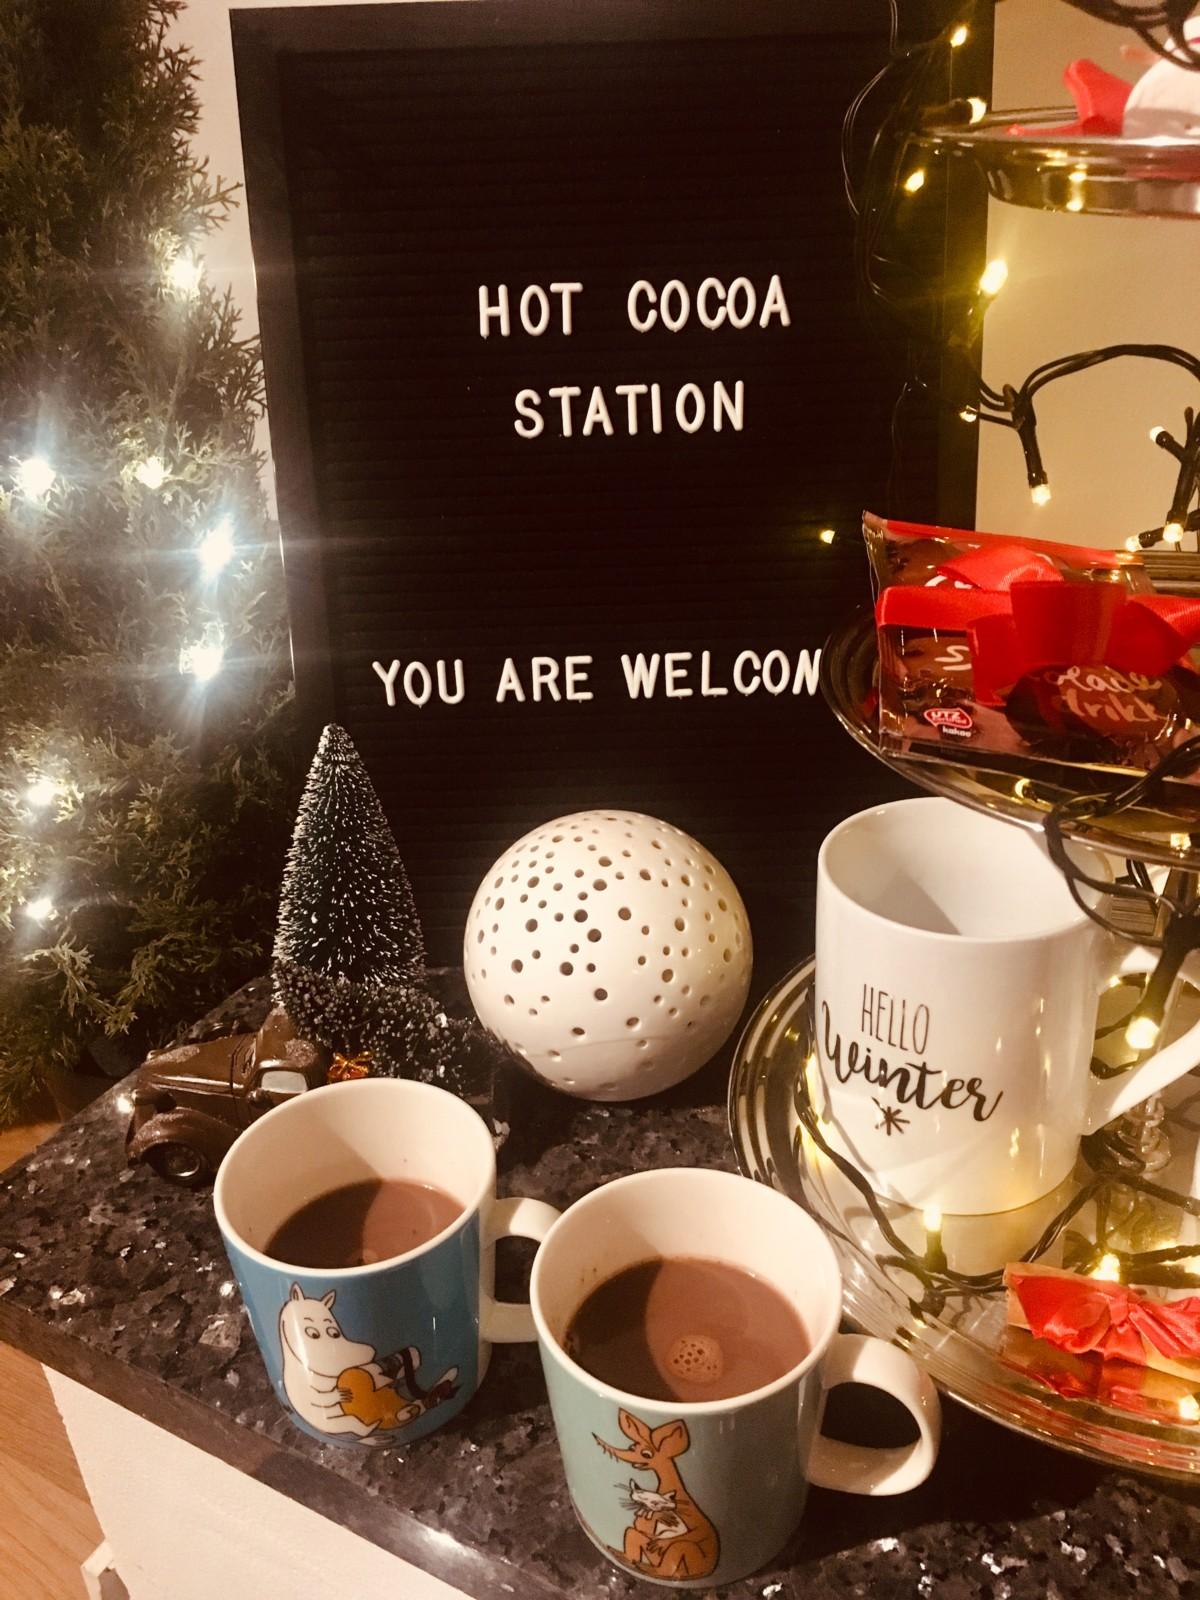 DIY kakaostasjon